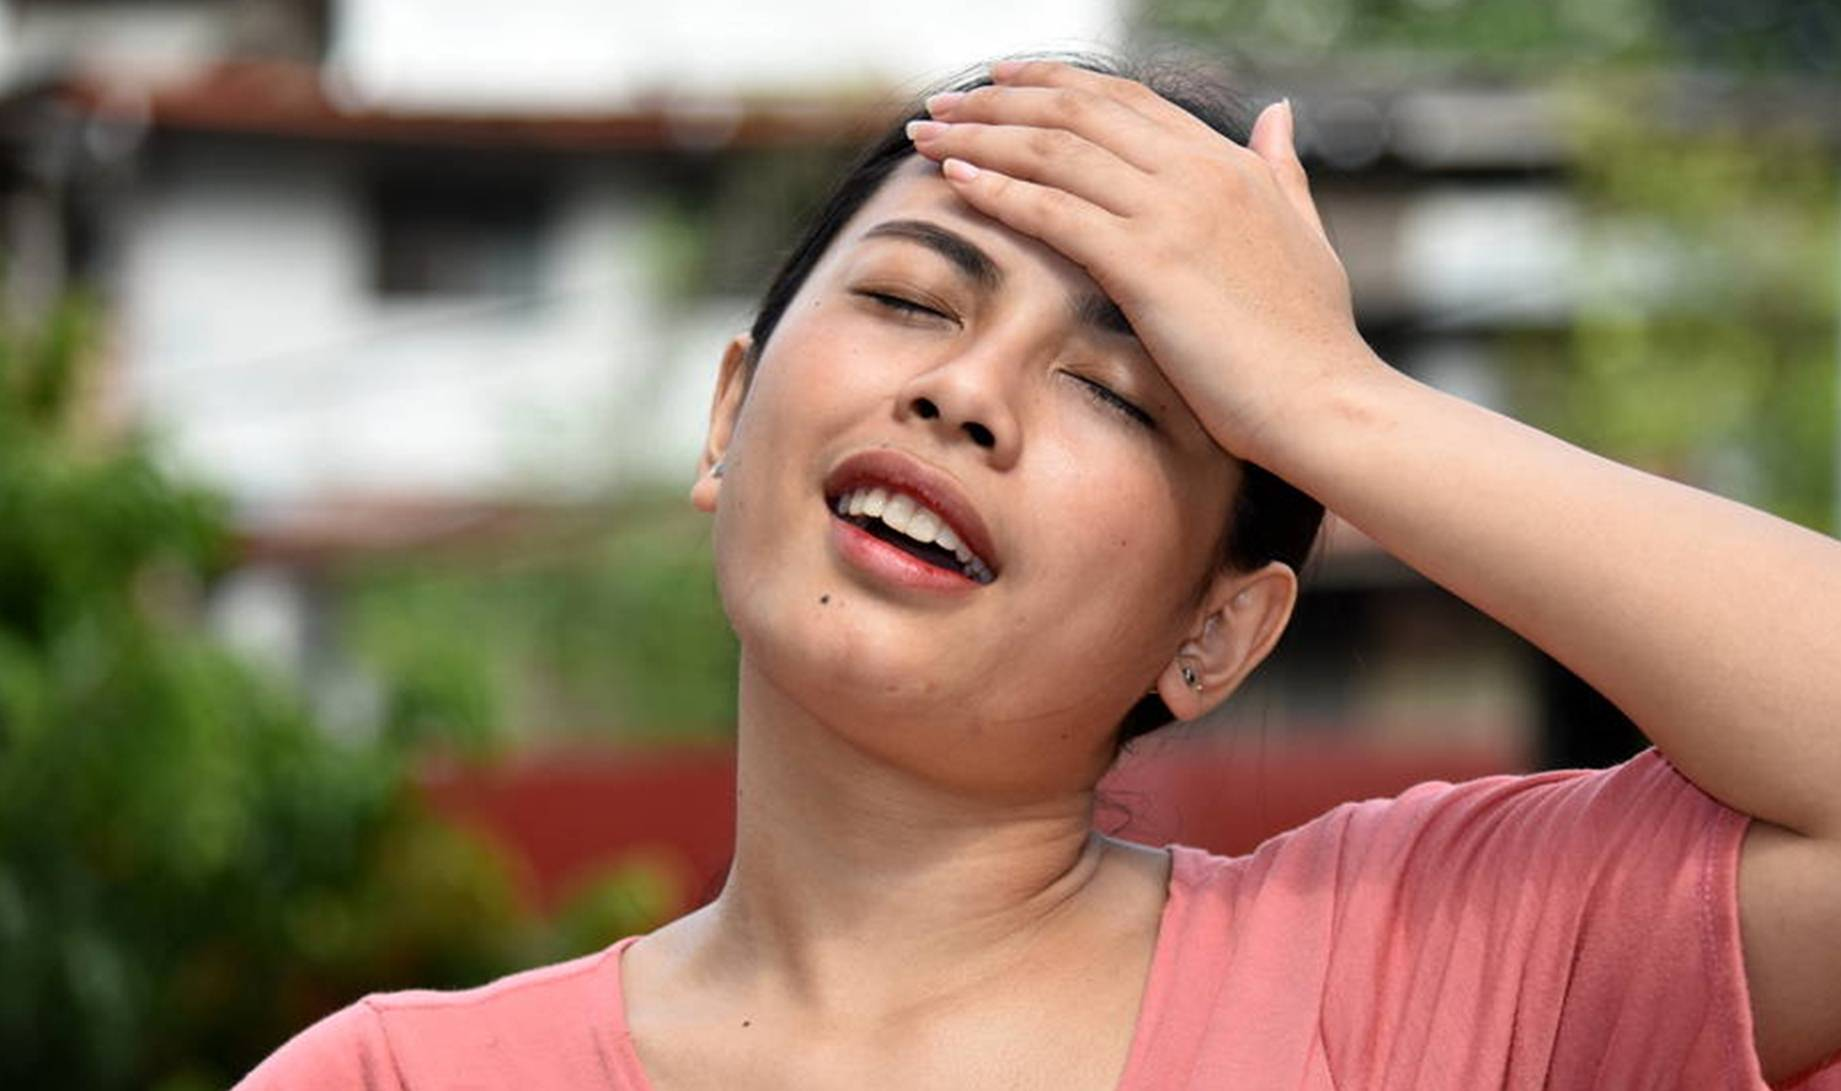 为什么有的女性一来月经就头痛?该如何预防?神经科医生告诉你